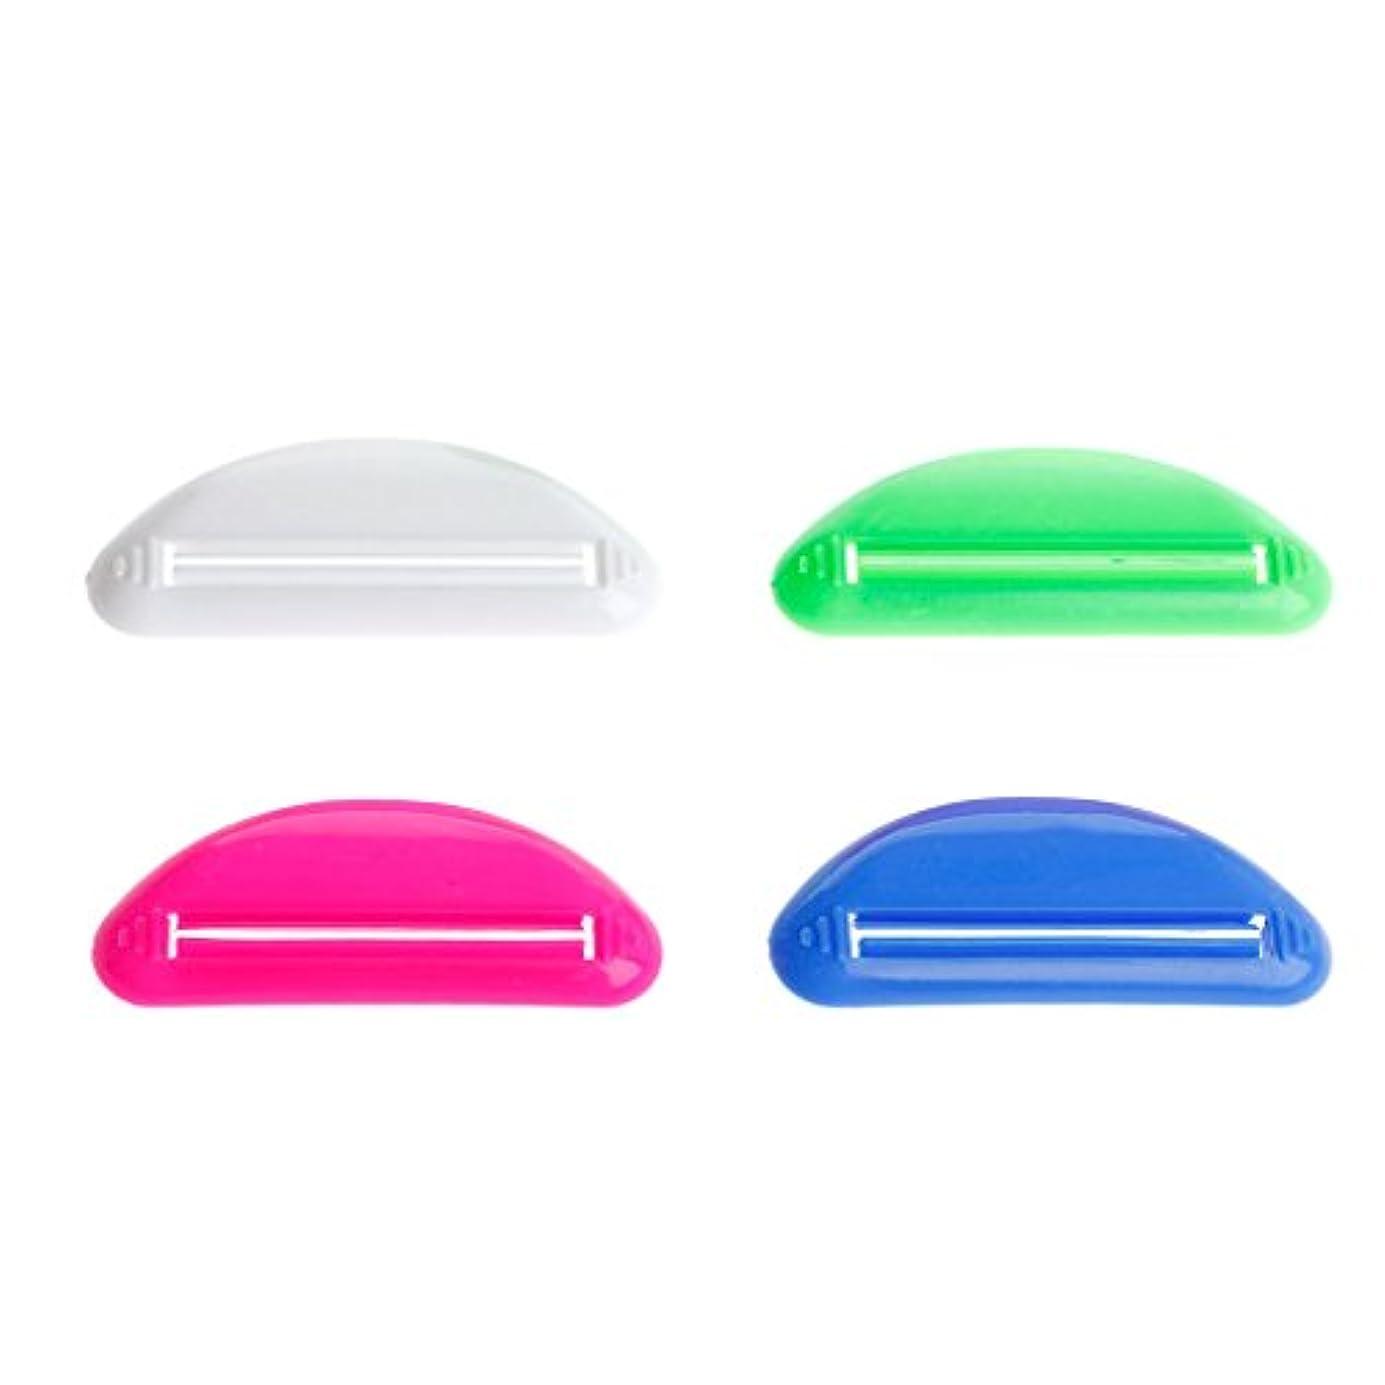 添付記念品クレーターLamdooプラスチックチューブスクイーザー歯磨き粉ディスペンサーホルダーローリング浴室ツールポータブルランダム配信